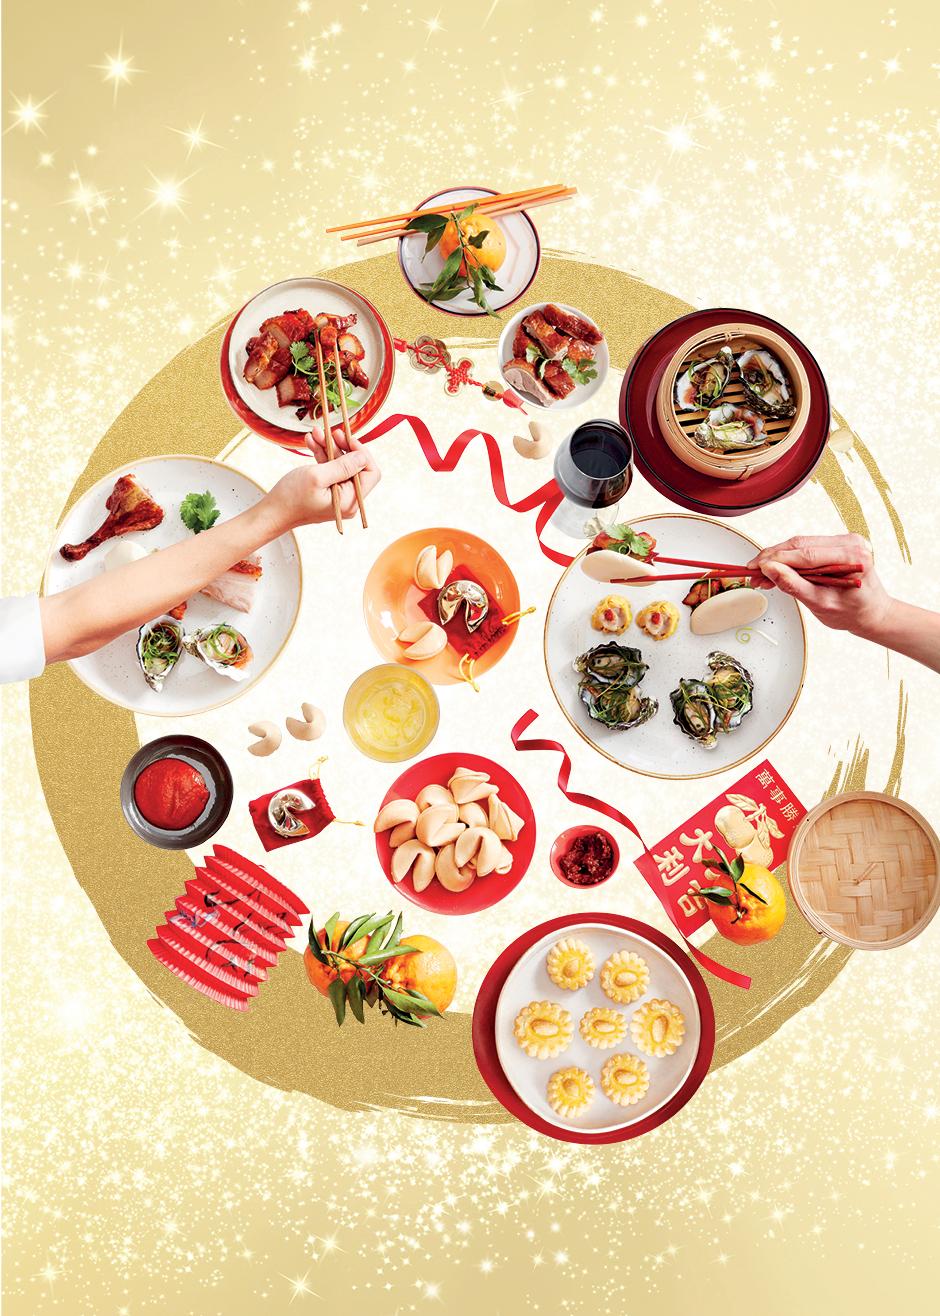 Lunar New Year Harvest Buffet